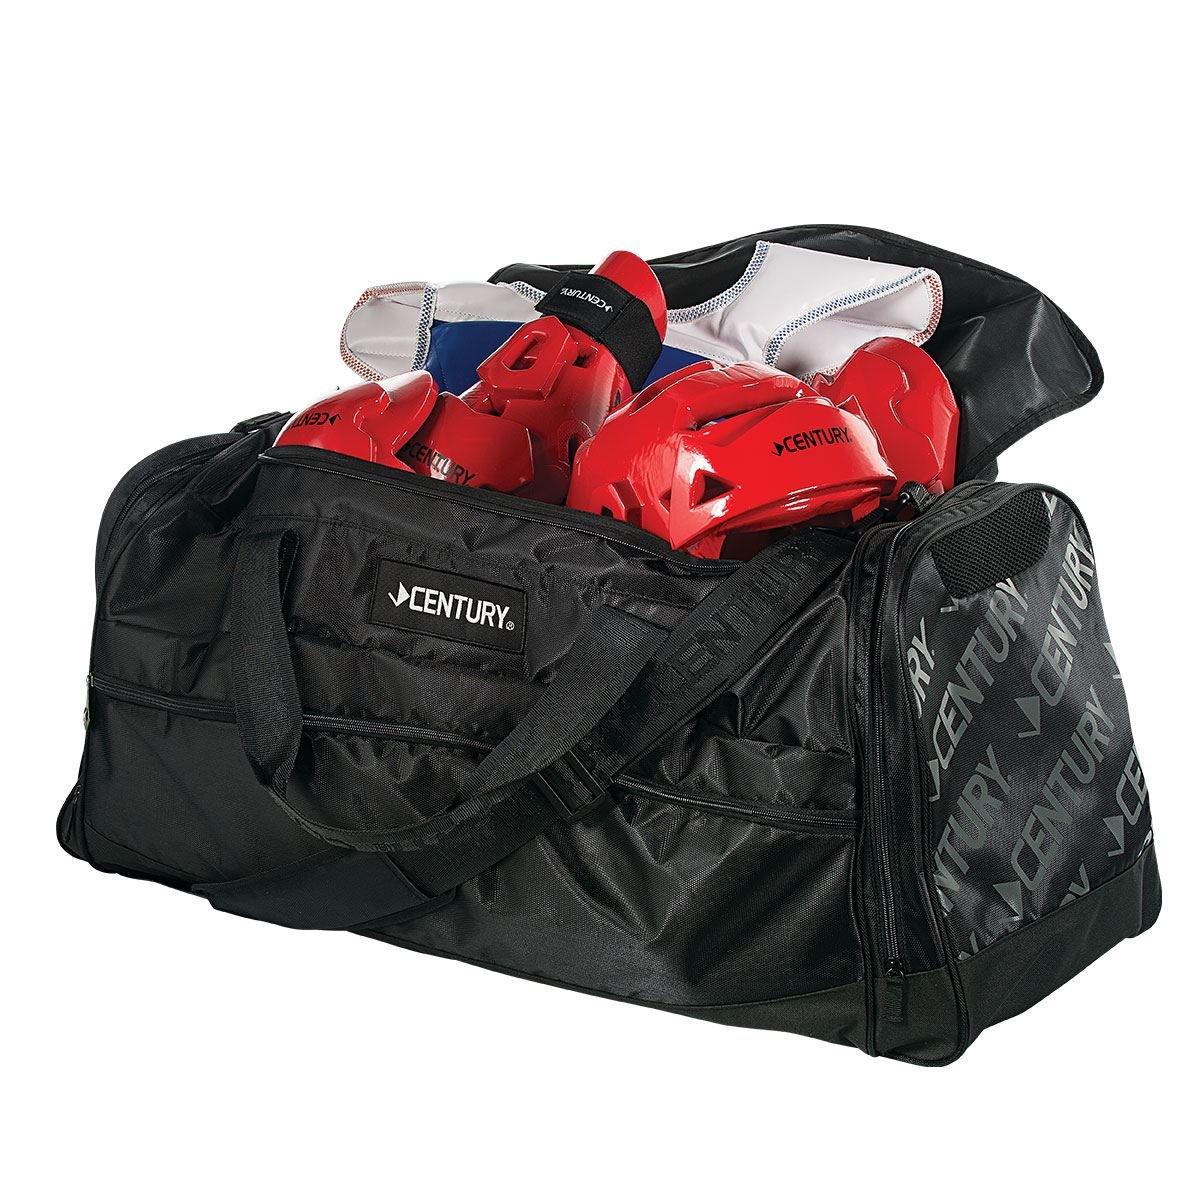 センチュリー2138-010215プレミアムスポーツバッグ - ブラック、大 B00X6D3BSG